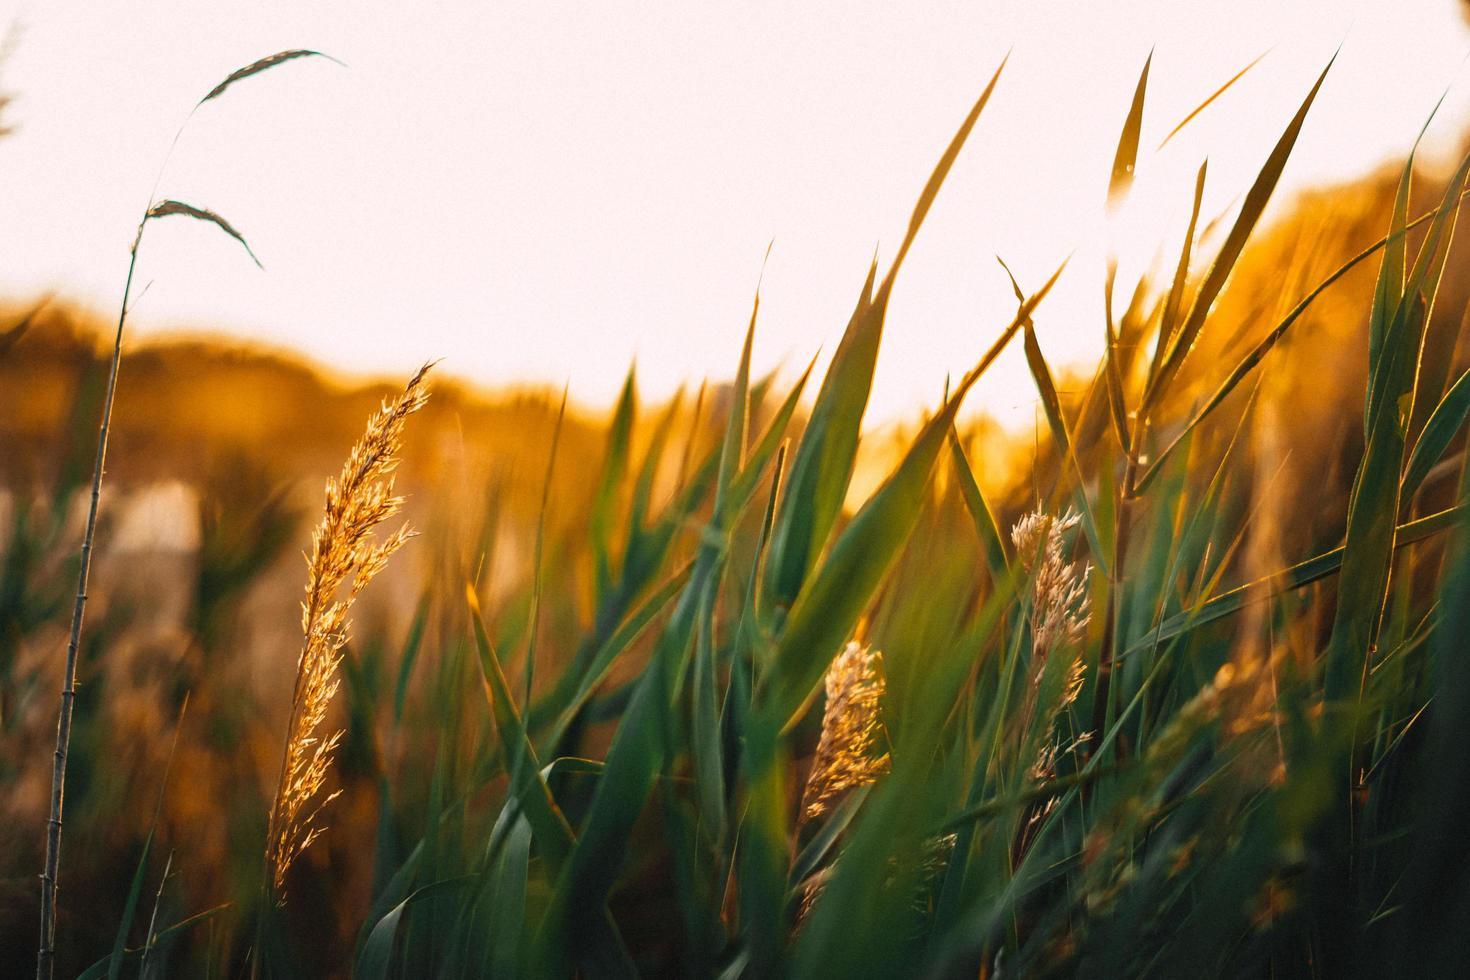 champ de blé à l'heure d'or photo